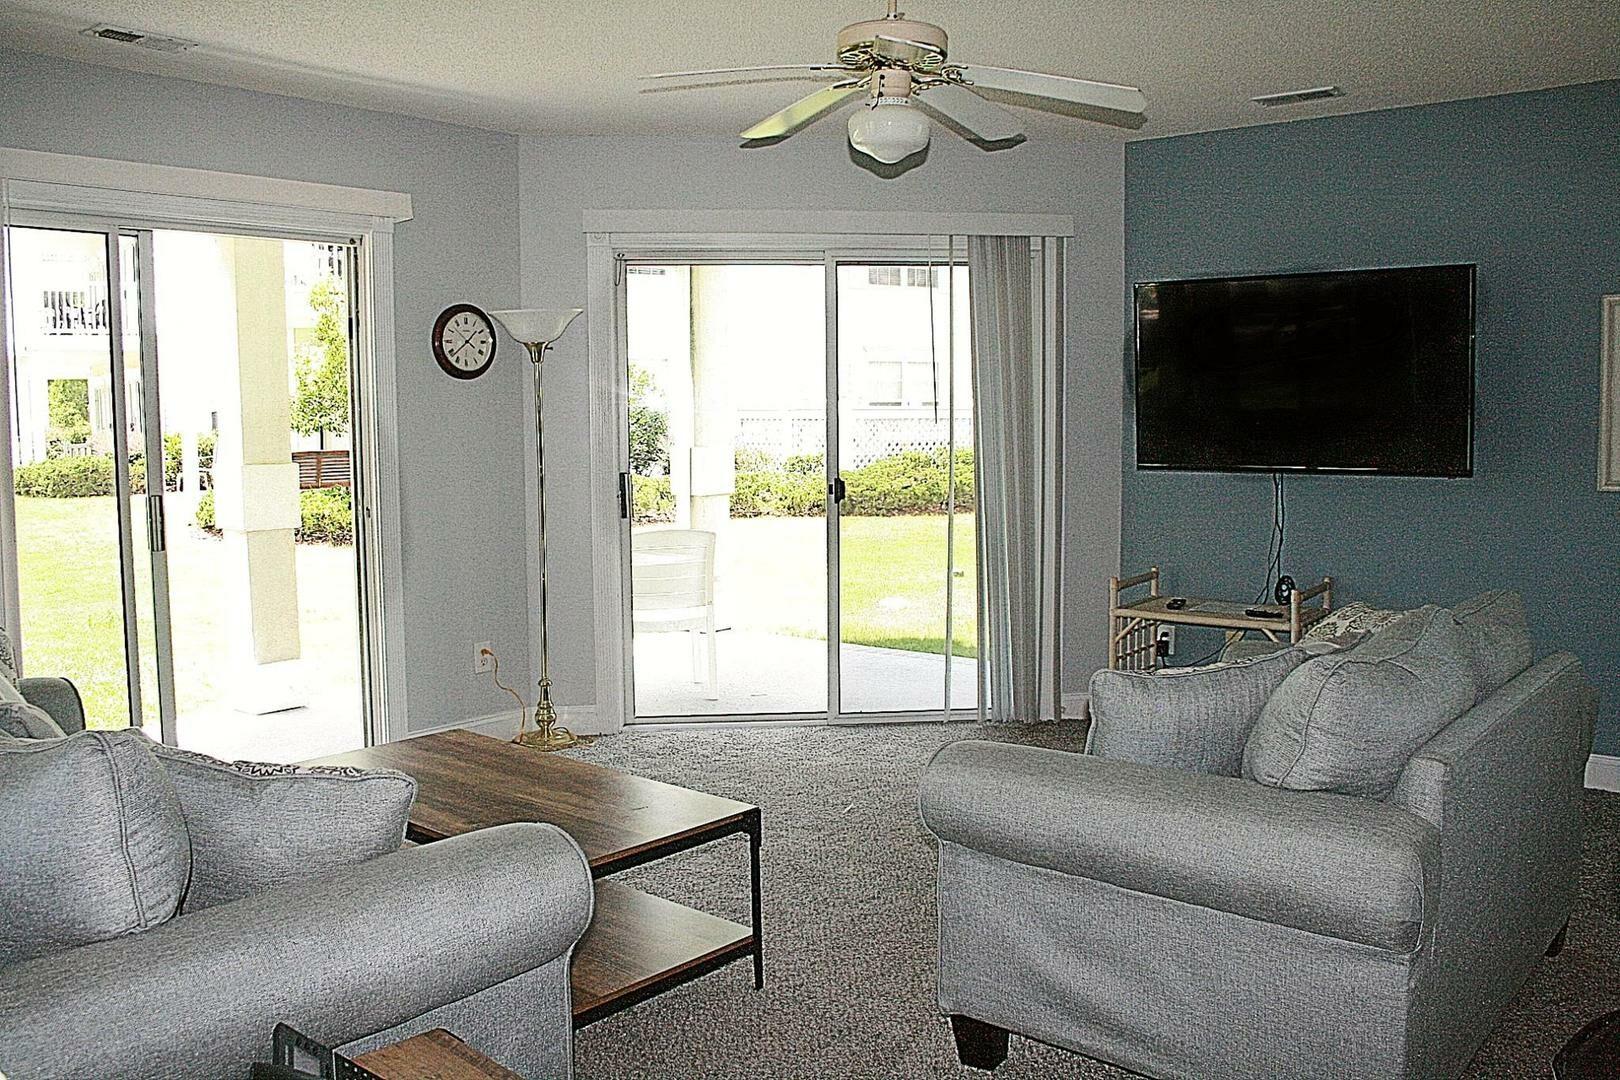 1203M 1 Bedroom/1 Bath Villa